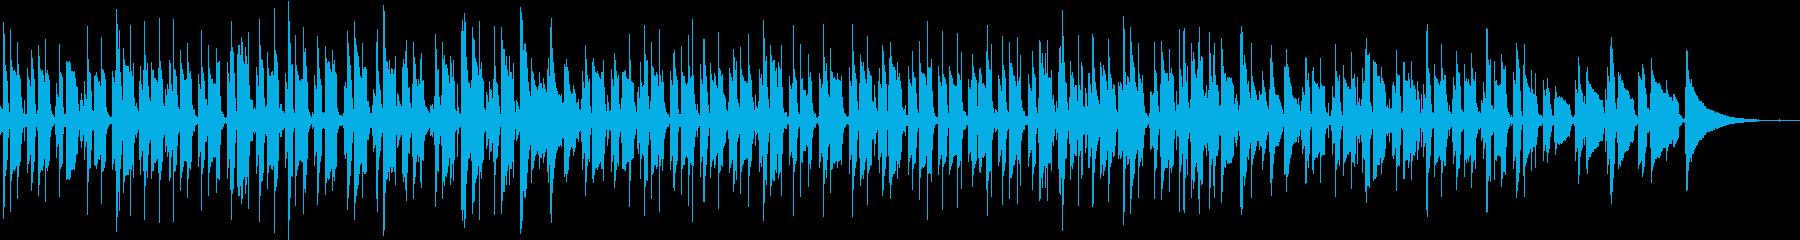 アコギ生演奏 軽快な朝の情景にの再生済みの波形